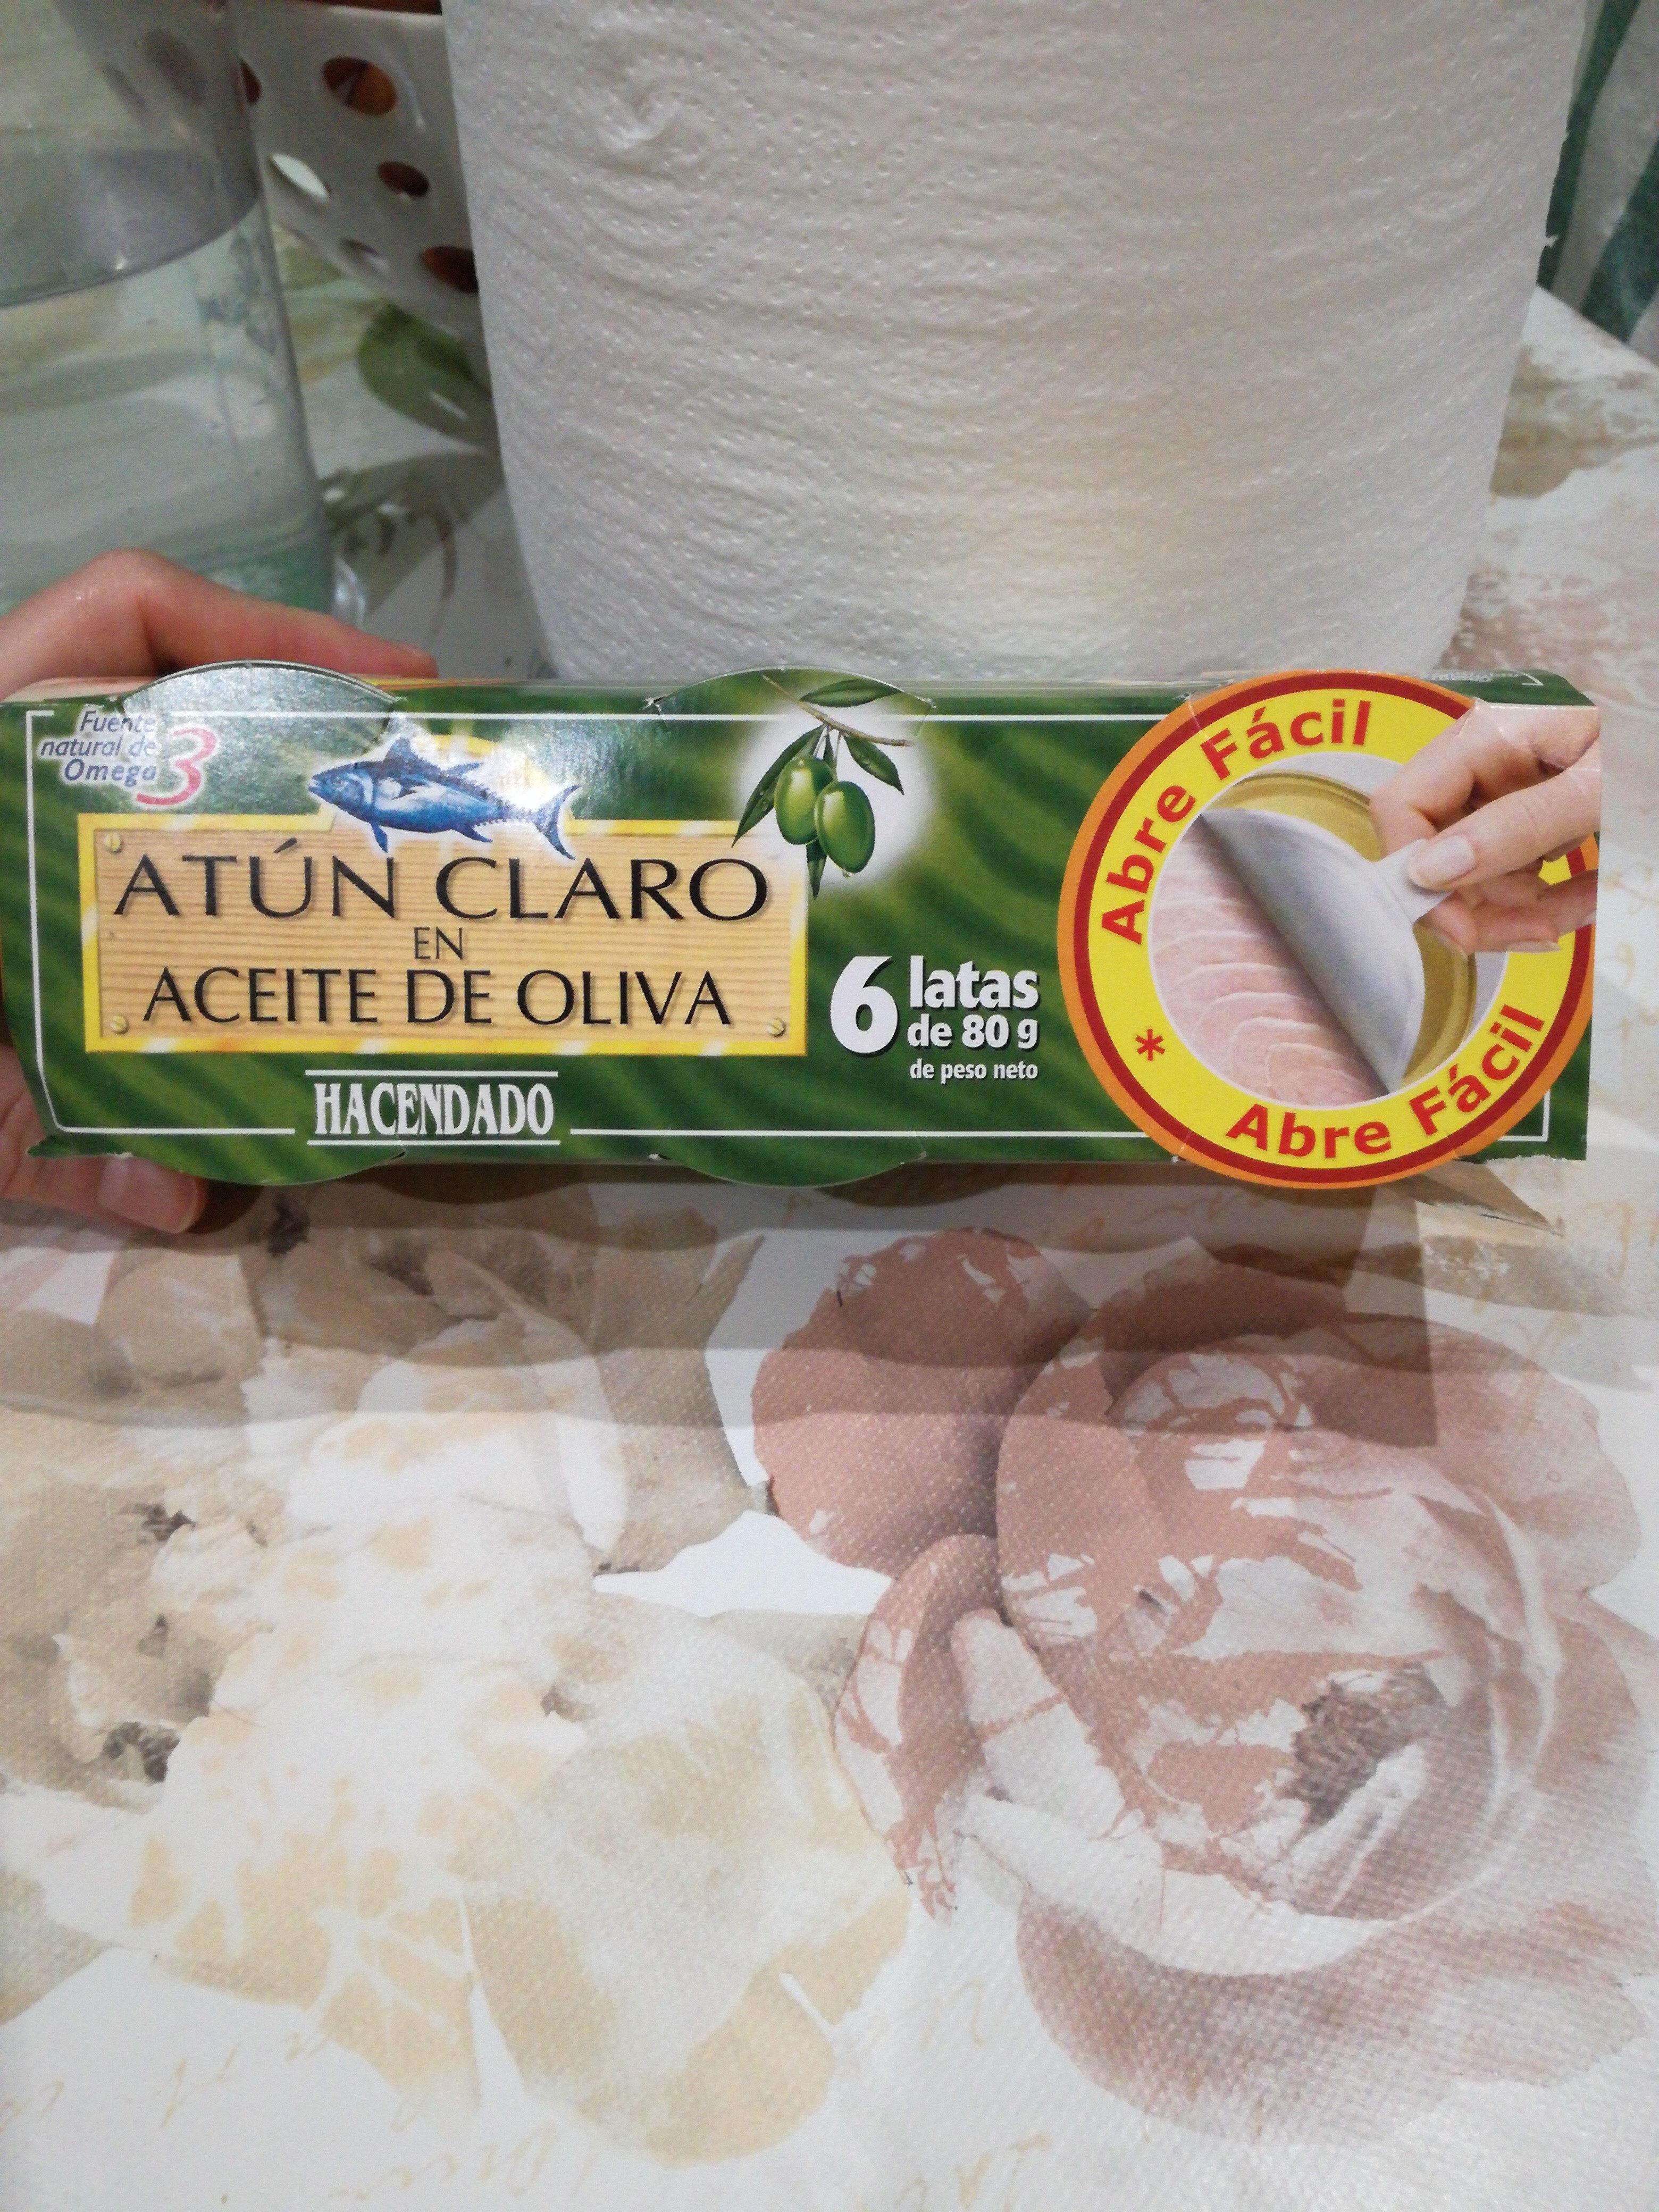 Atun Claro En Aceite De Oliva Hacendado 6 Latas De 80 Gramos